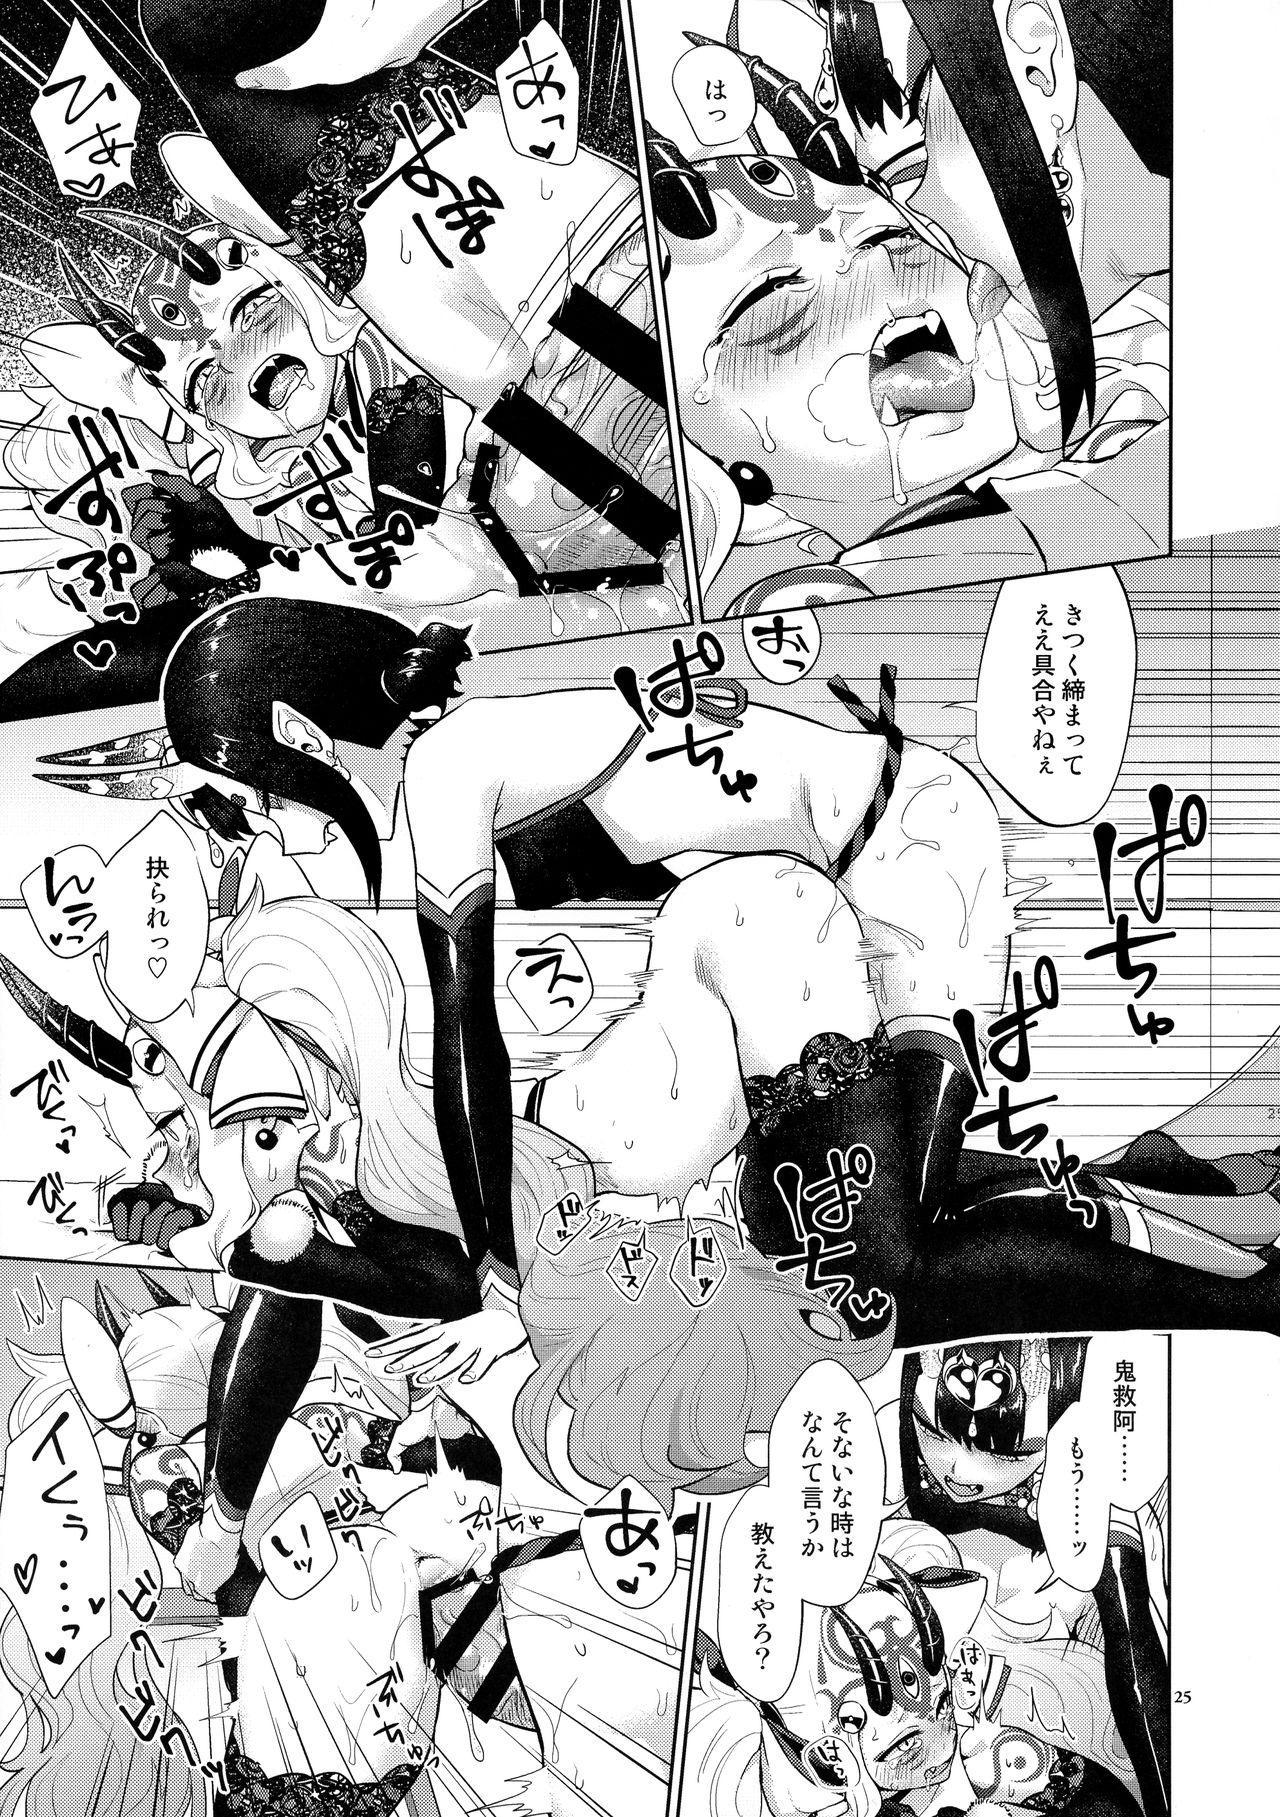 Gohou Shoujo no Himitsu Tokkun 23